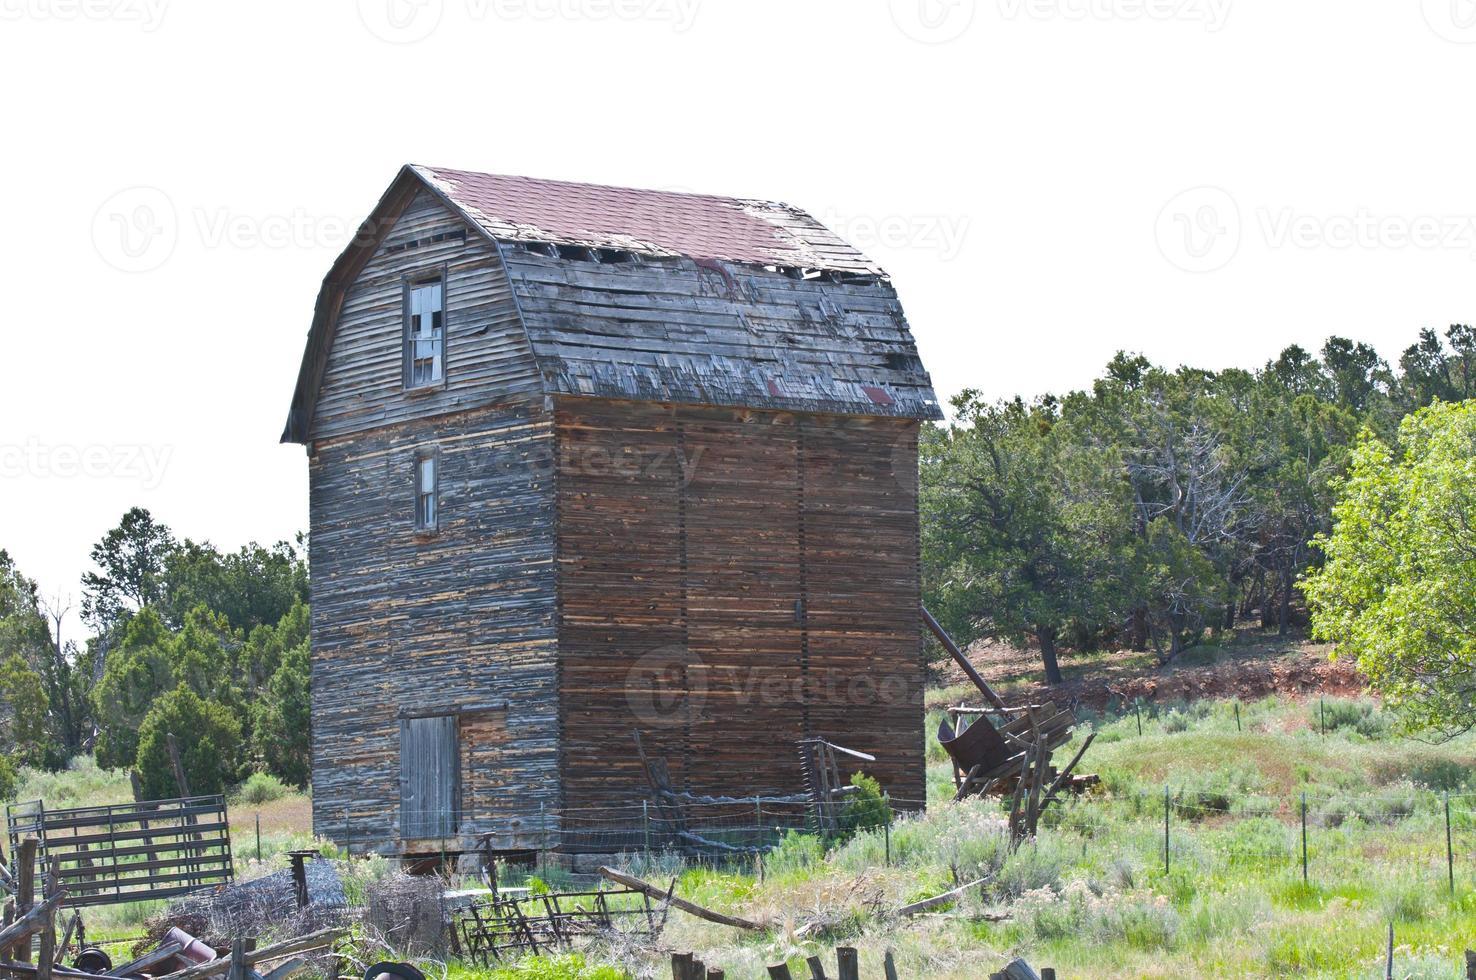 granero abandonado, sur de utah foto